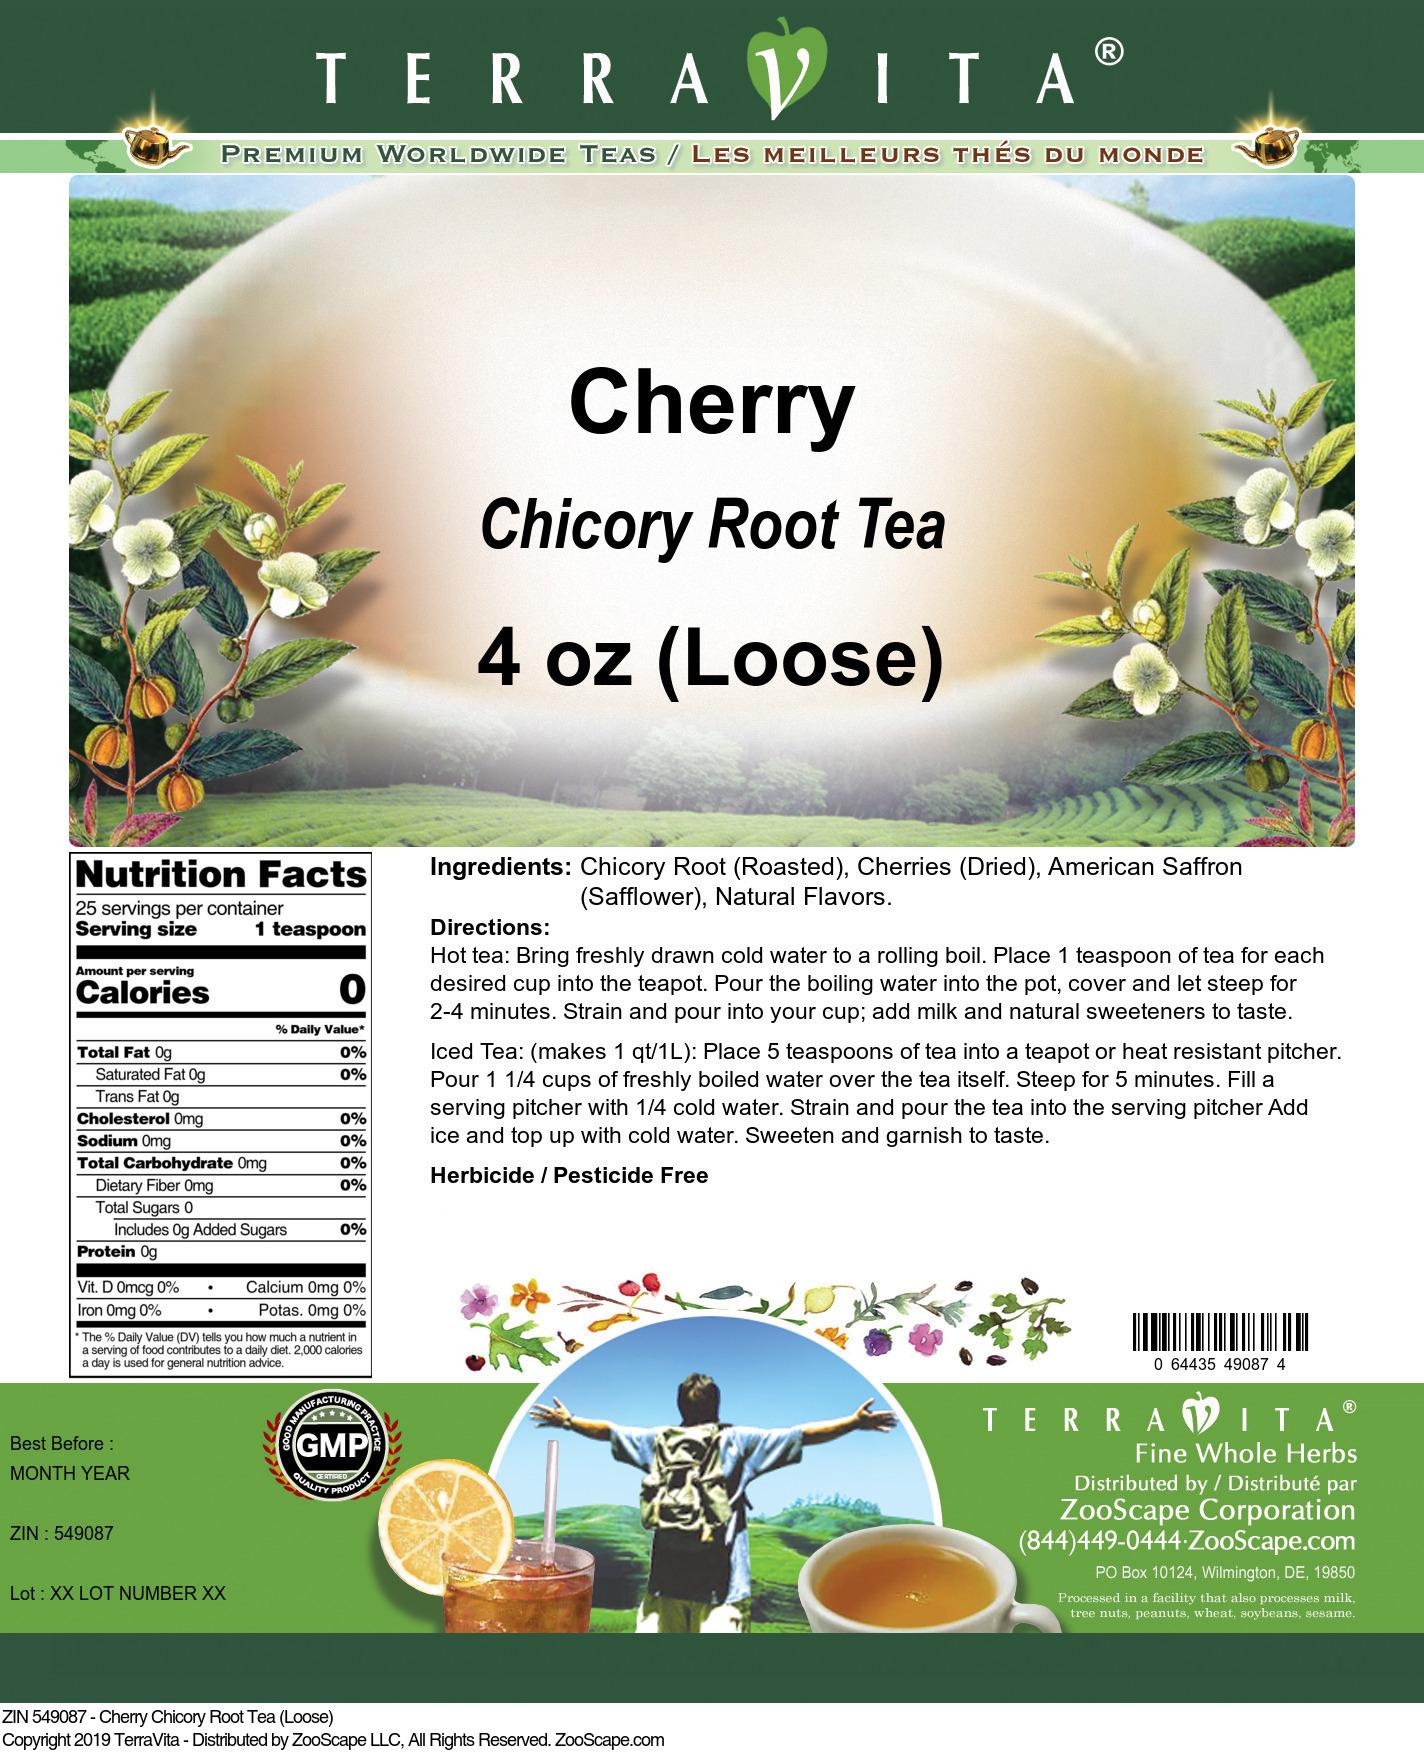 Cherry Chicory Root